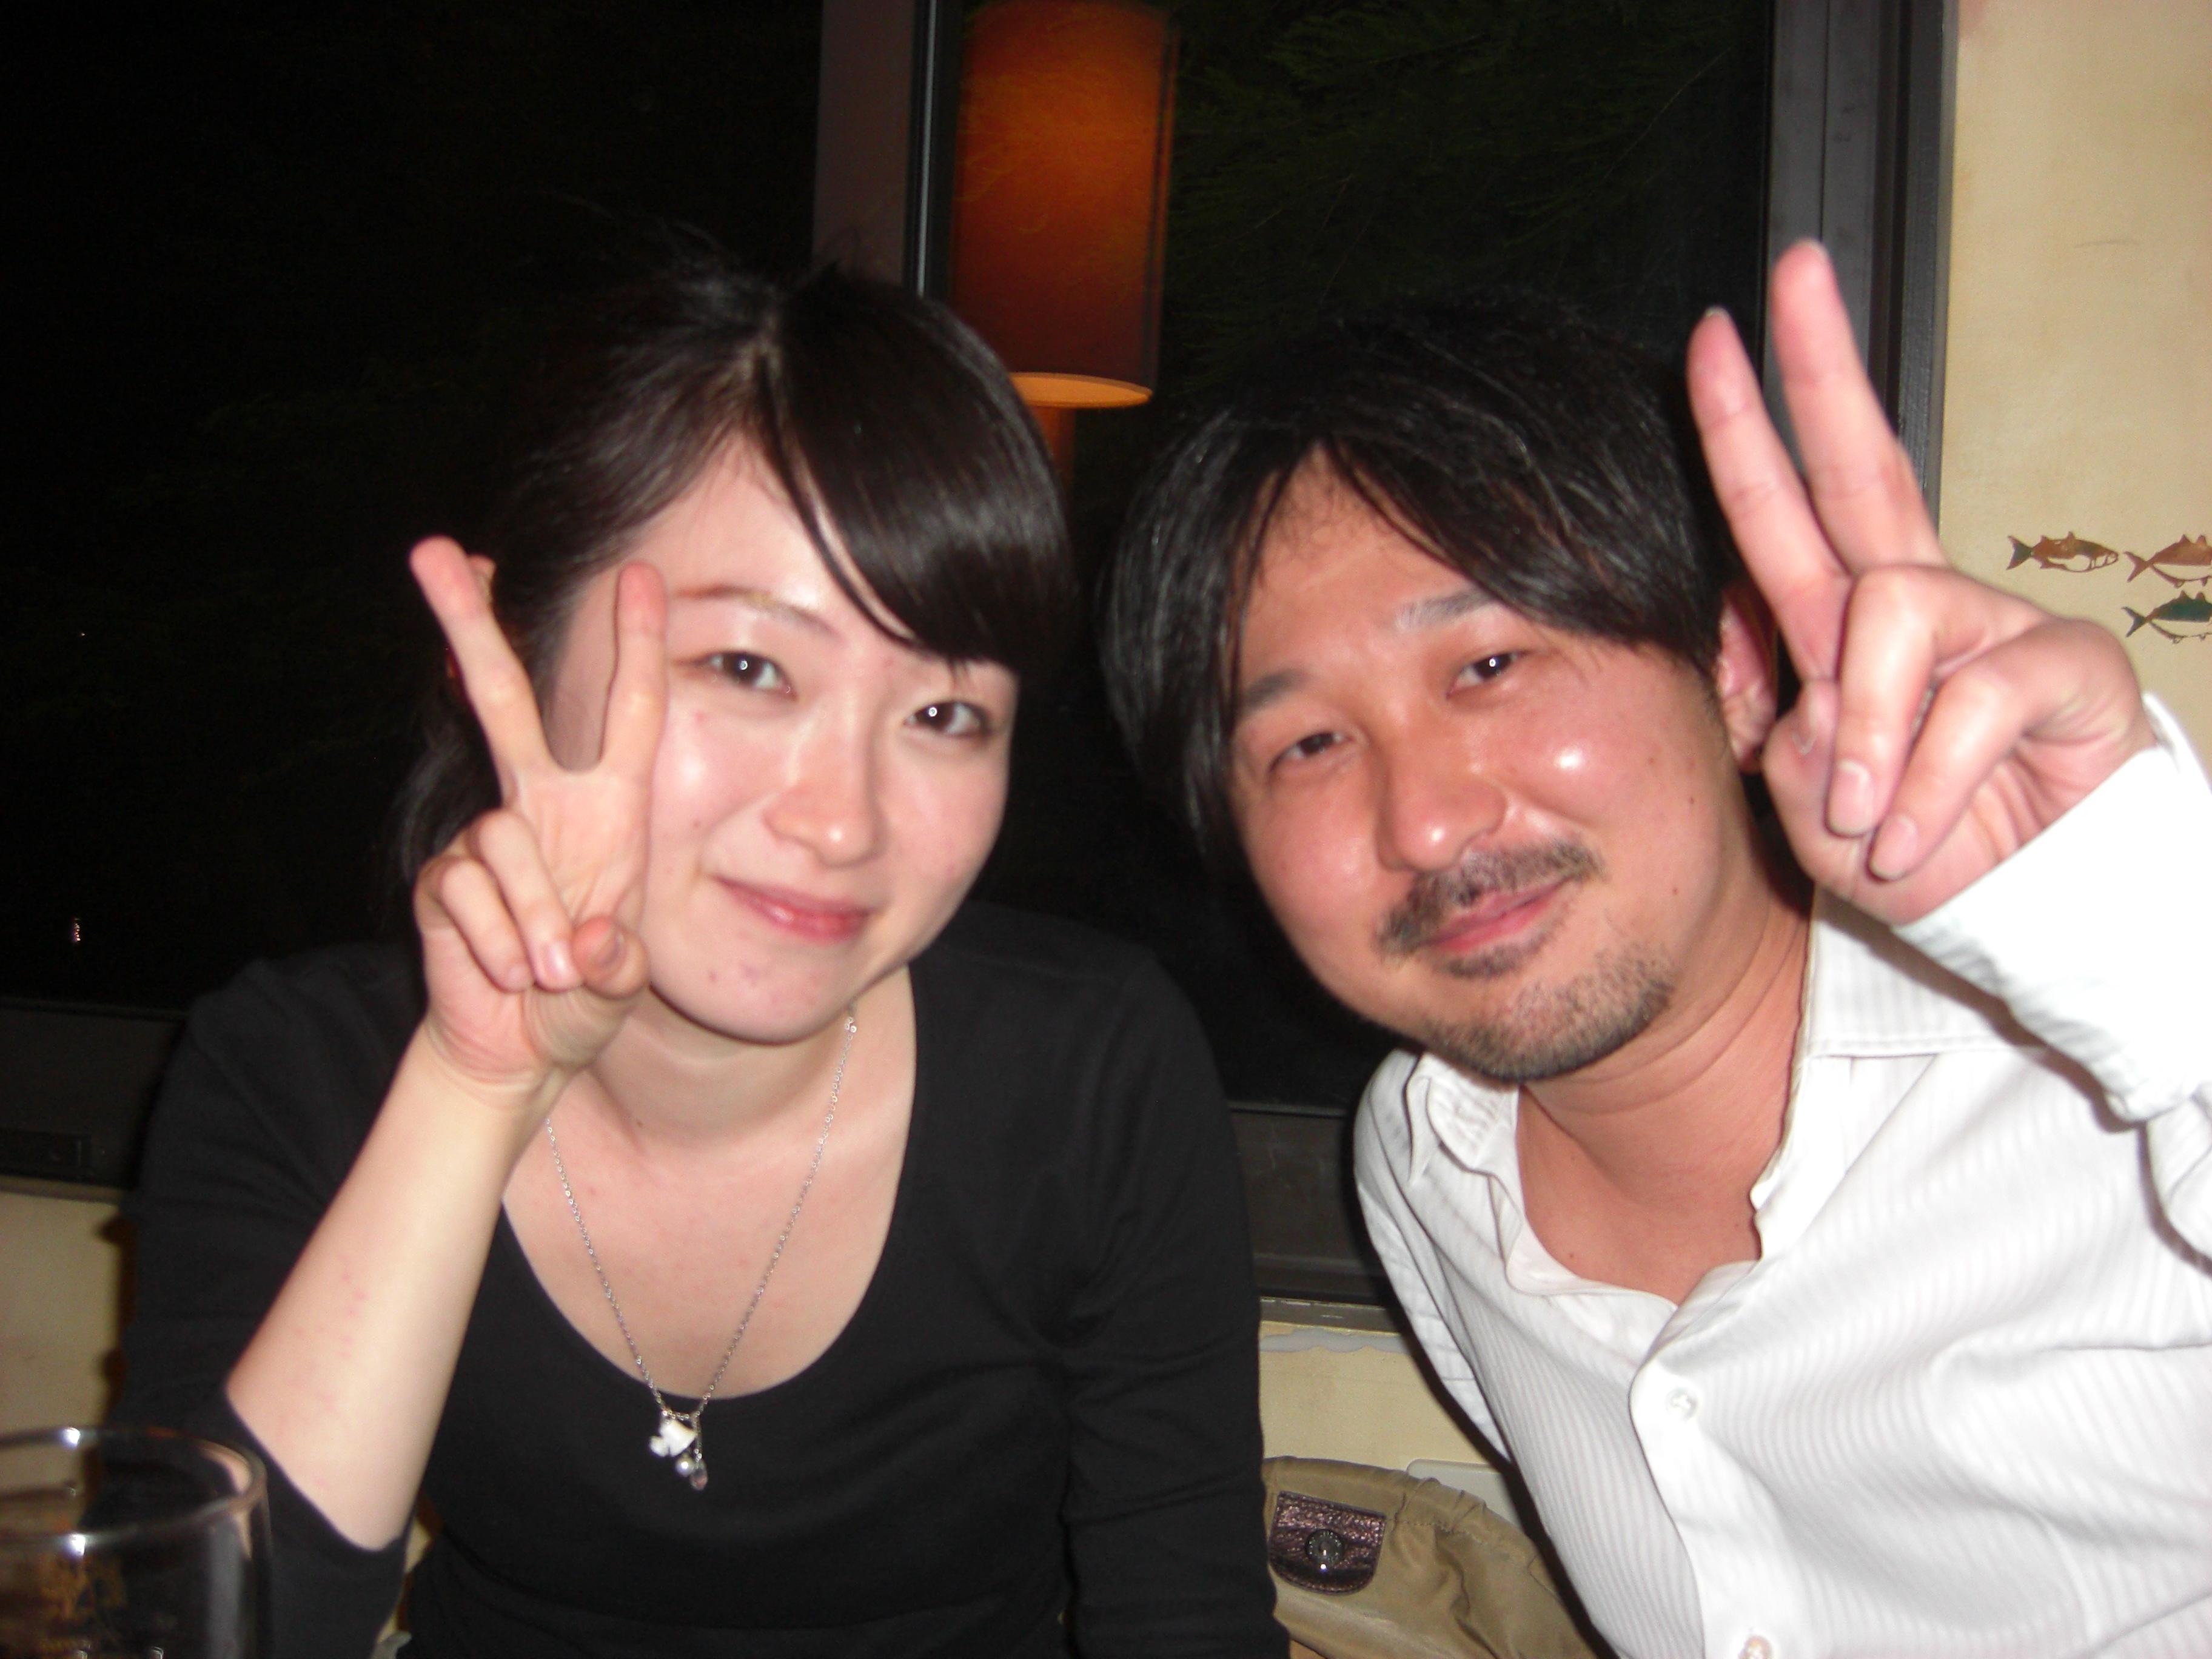 【超速報】 ラーメン官僚、本谷亜紀とラーメンコンサル・渡辺樹庵が付き合っていたことを暴露 完全にズボズボ